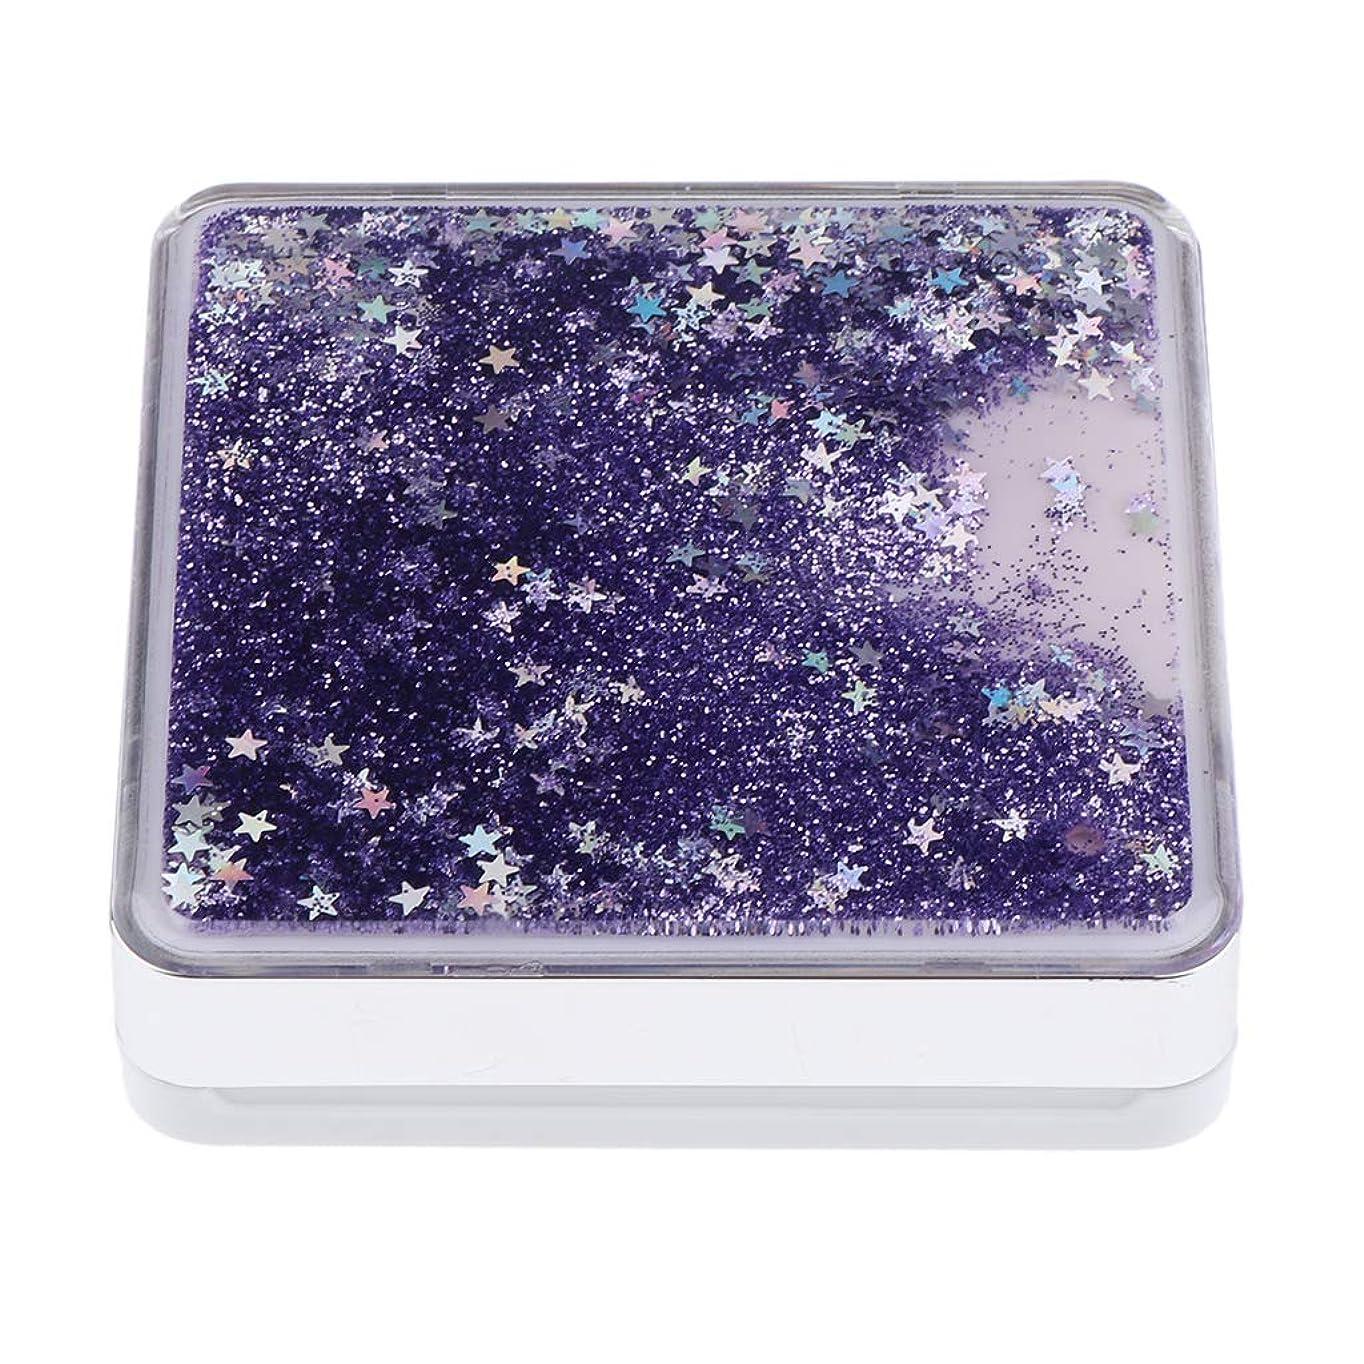 遠近法フレッシュ誠意B Baosity エアクッションケース パフ 化粧鏡 ミラー付き コンパクト 旅行小物 化粧品ケース 3色選べ - 紫